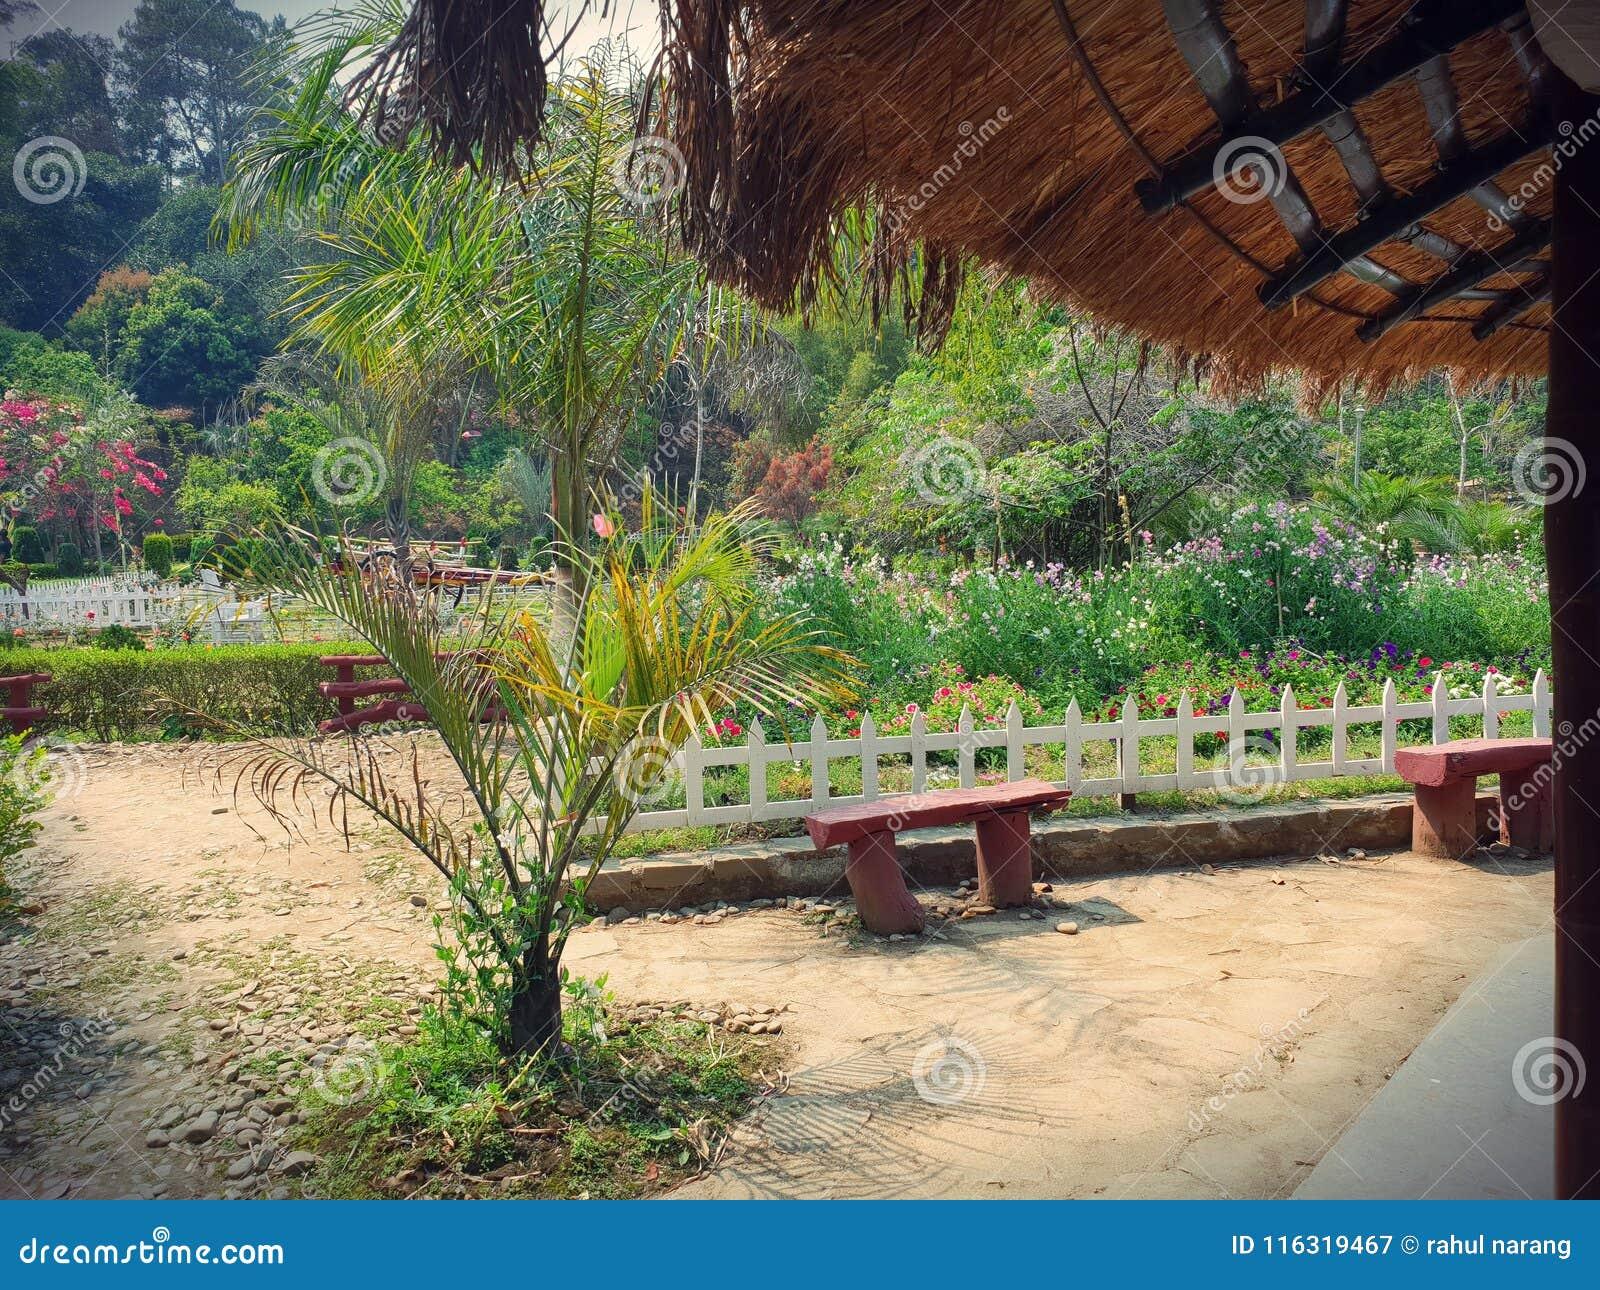 植物群和动物区系在安菲 Awangchein庭院